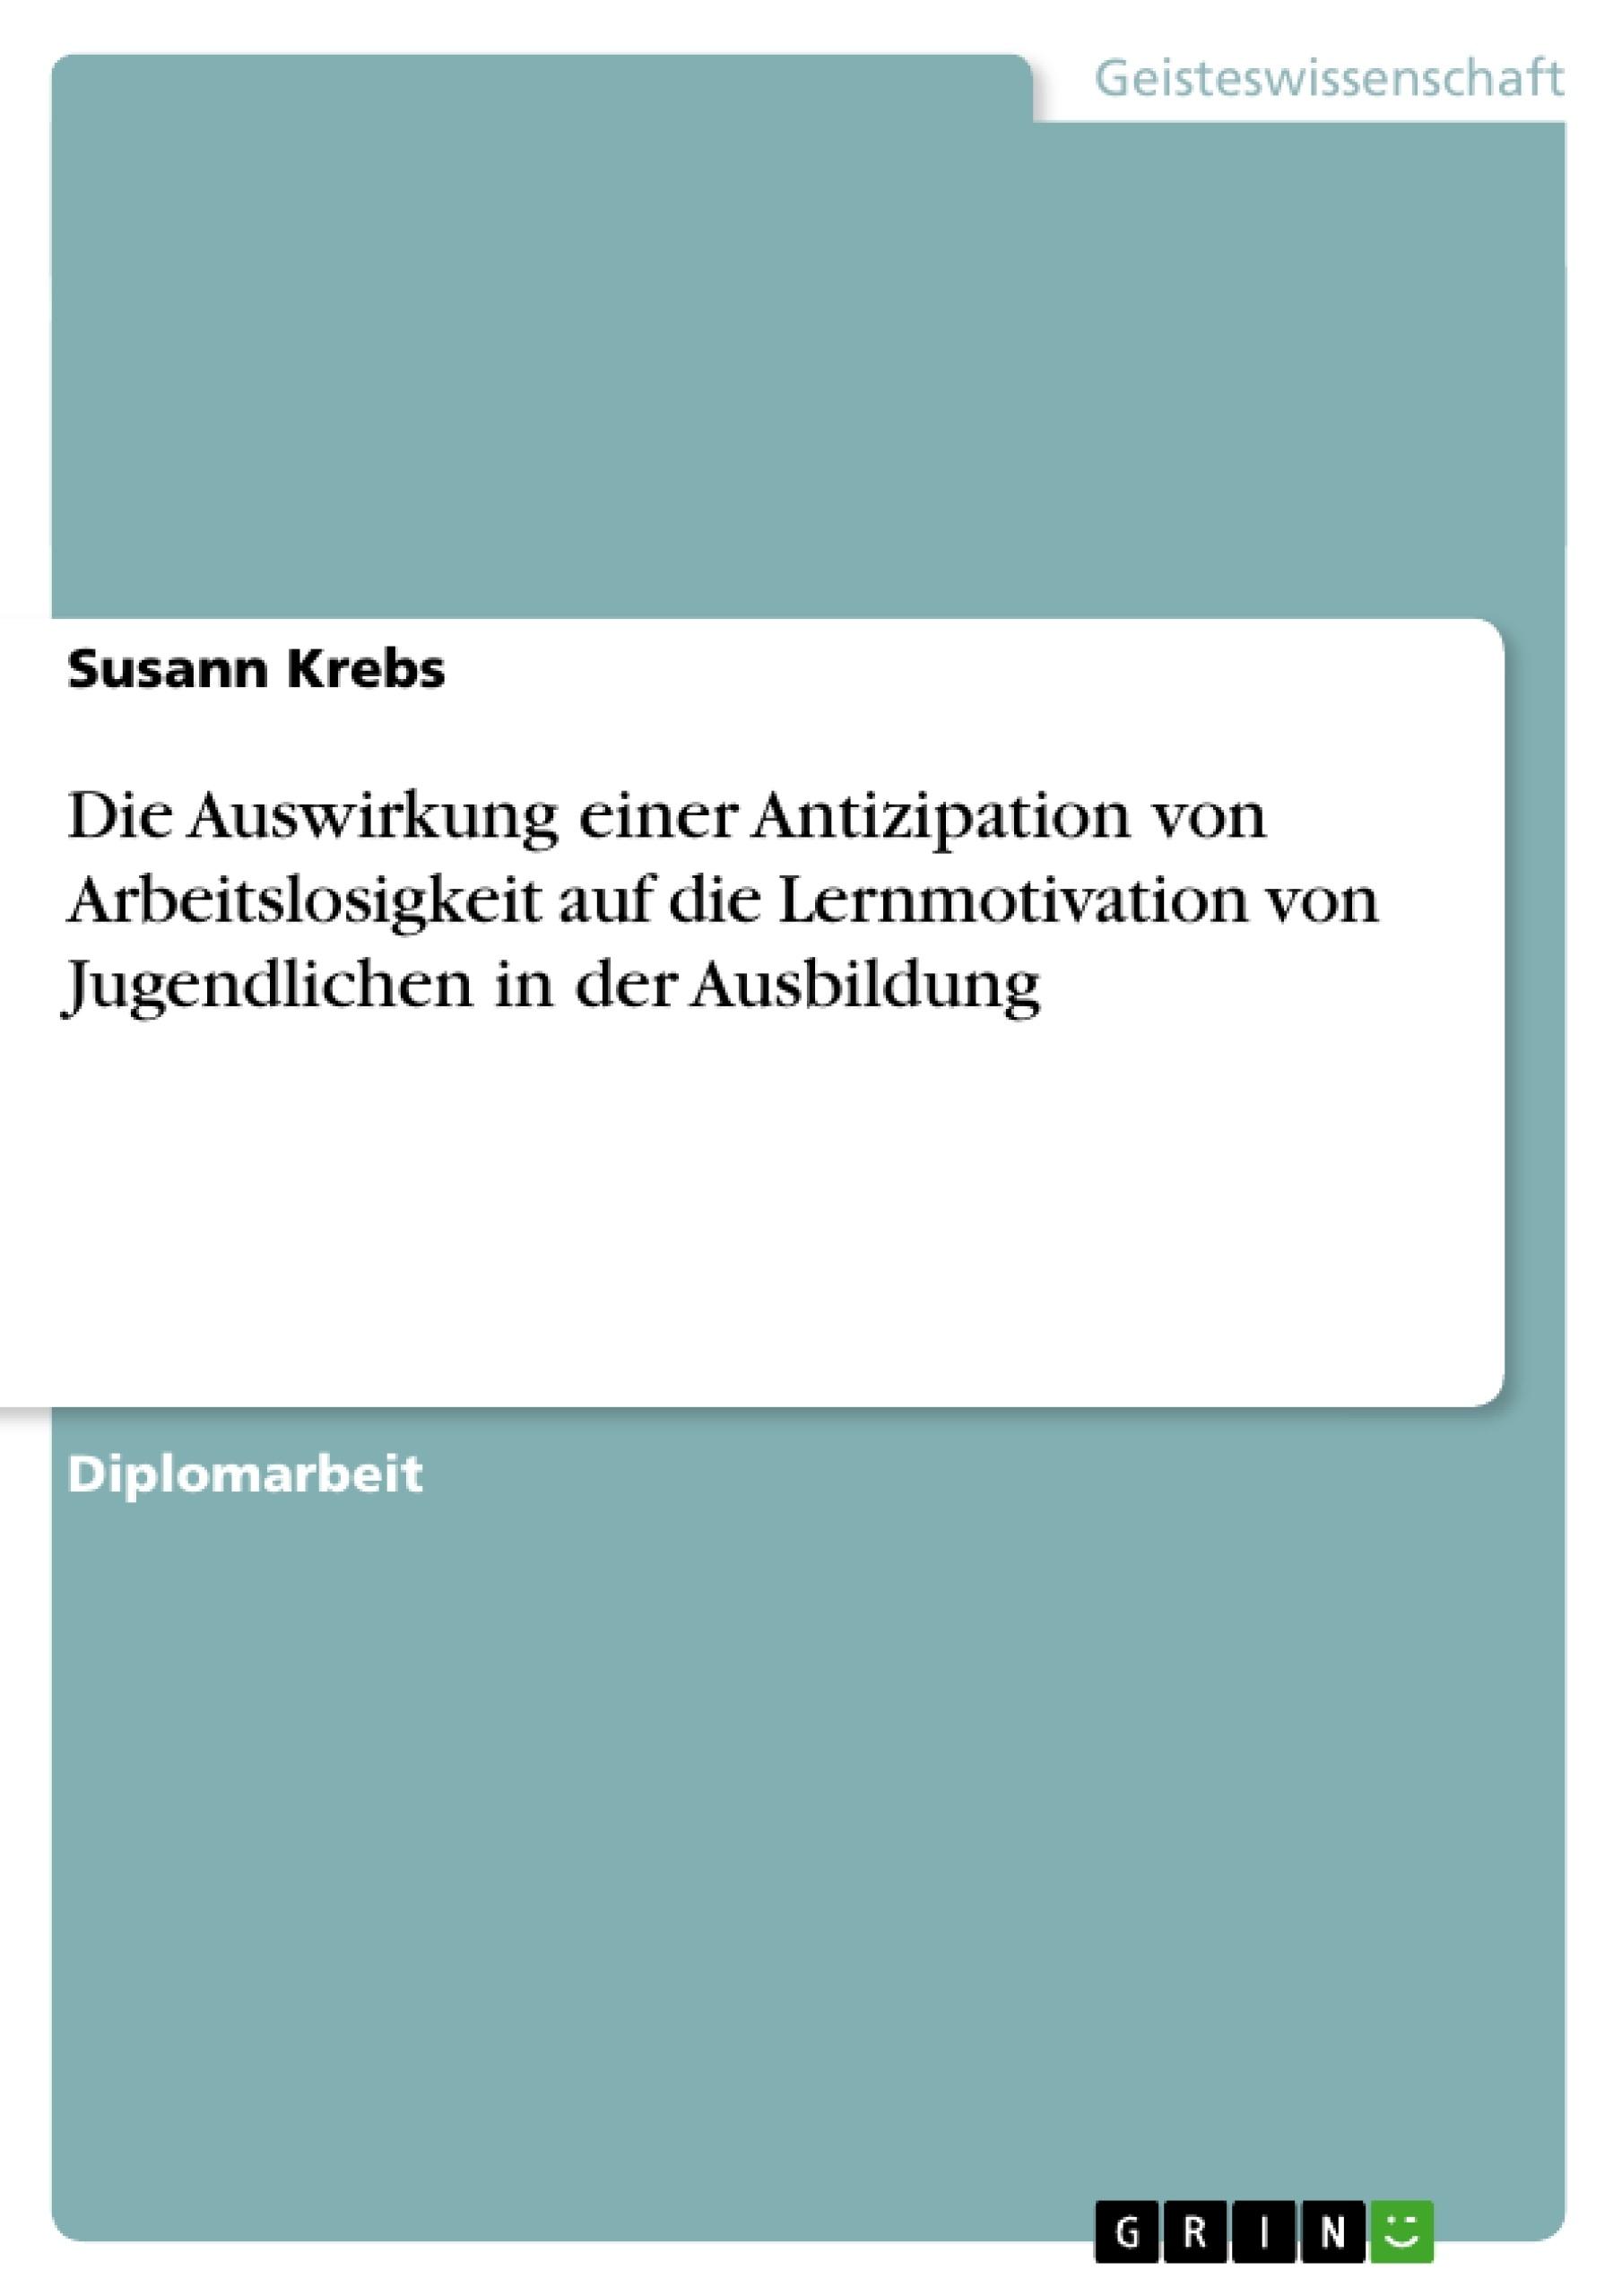 Titel: Die Auswirkung einer Antizipation von Arbeitslosigkeit auf die Lernmotivation von Jugendlichen in der Ausbildung